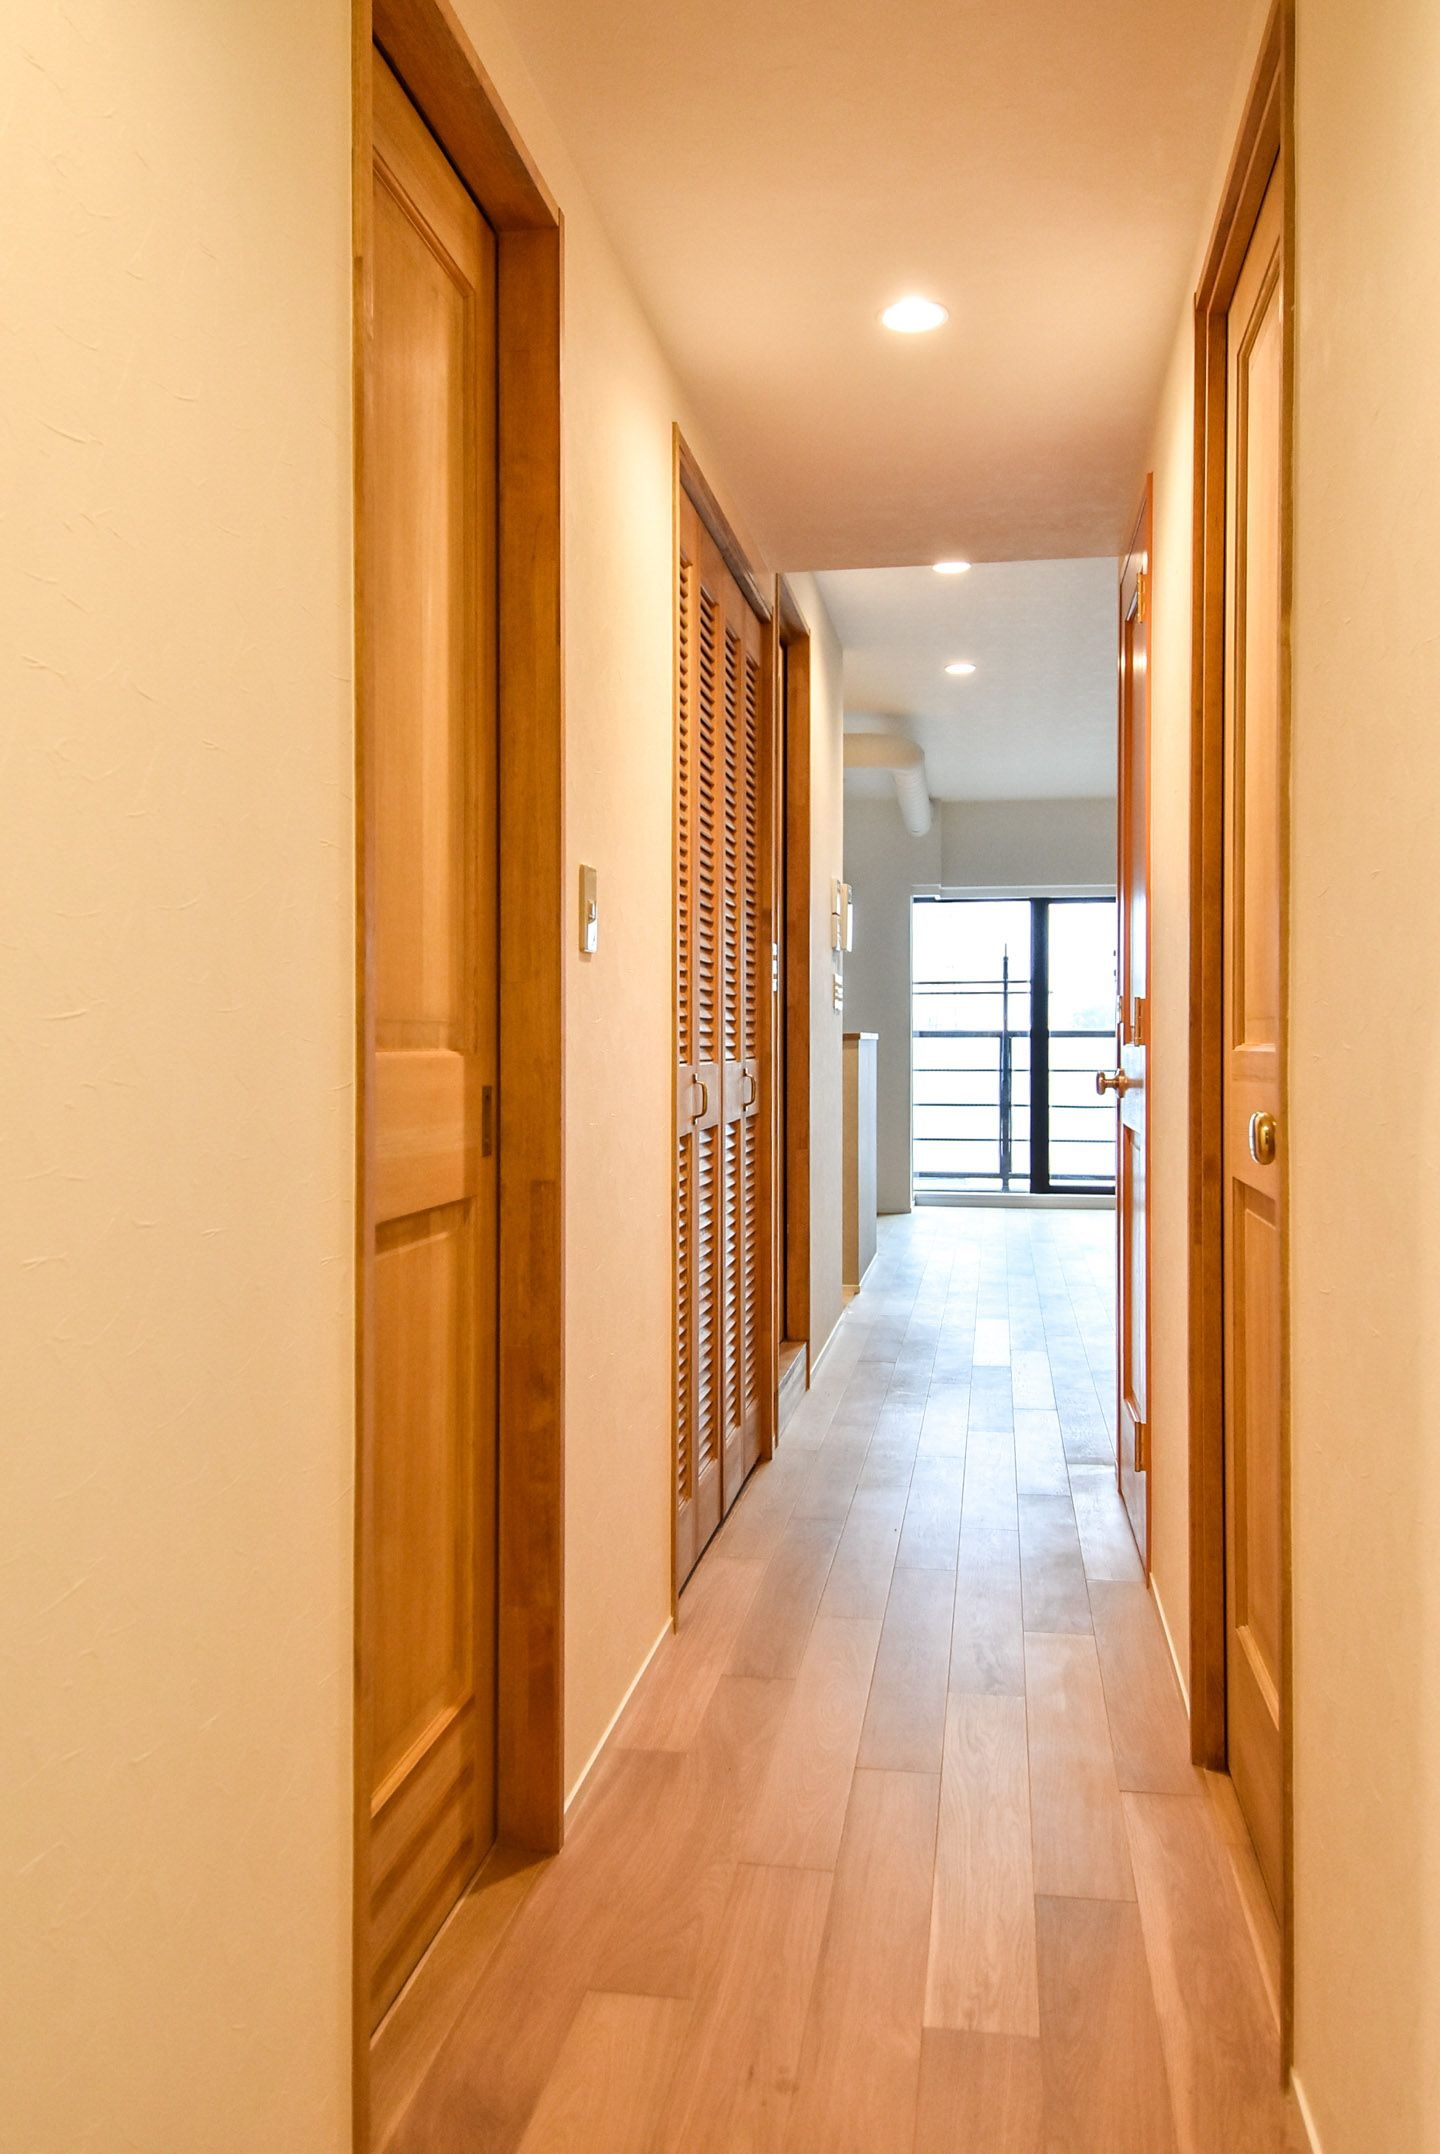 Wooden doors and corridors